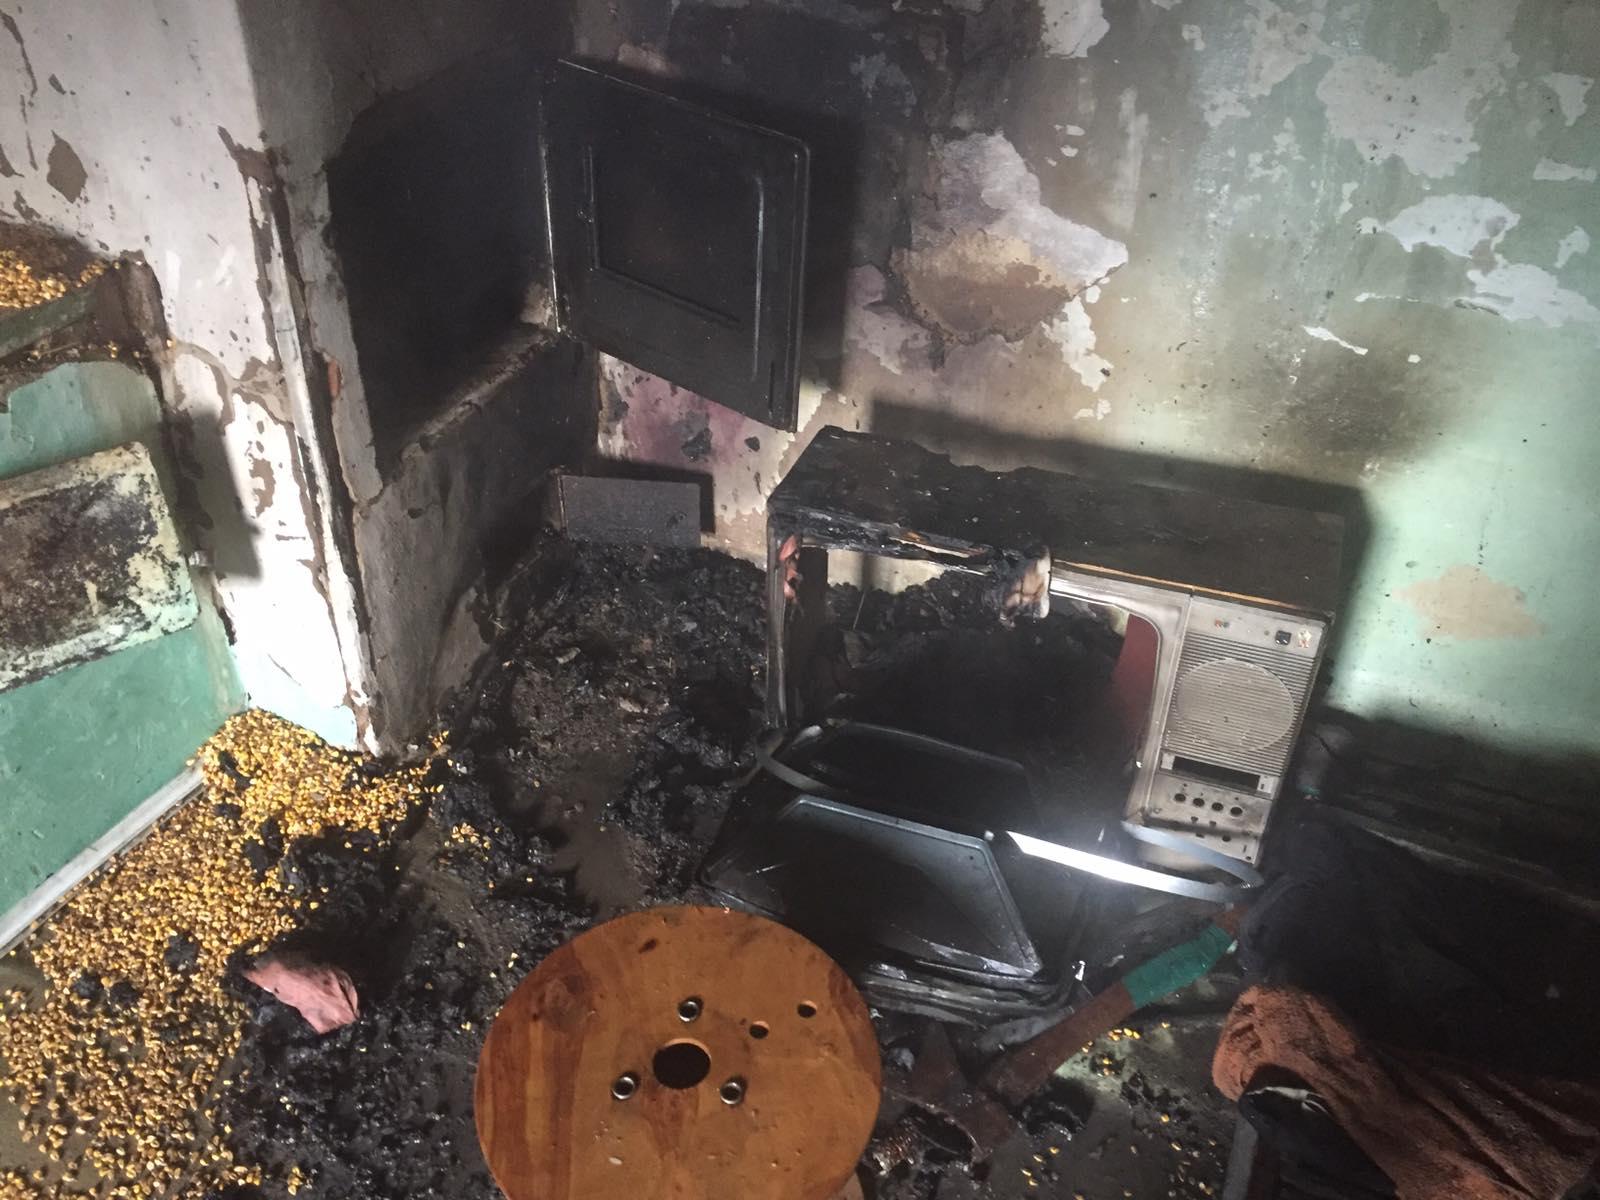 На Миронівщині ліквідували загоряння житлового будинку та господарчої будівлі -  - IMG 8c238d3ef7bf191d12d2da0a4ab03e19 V